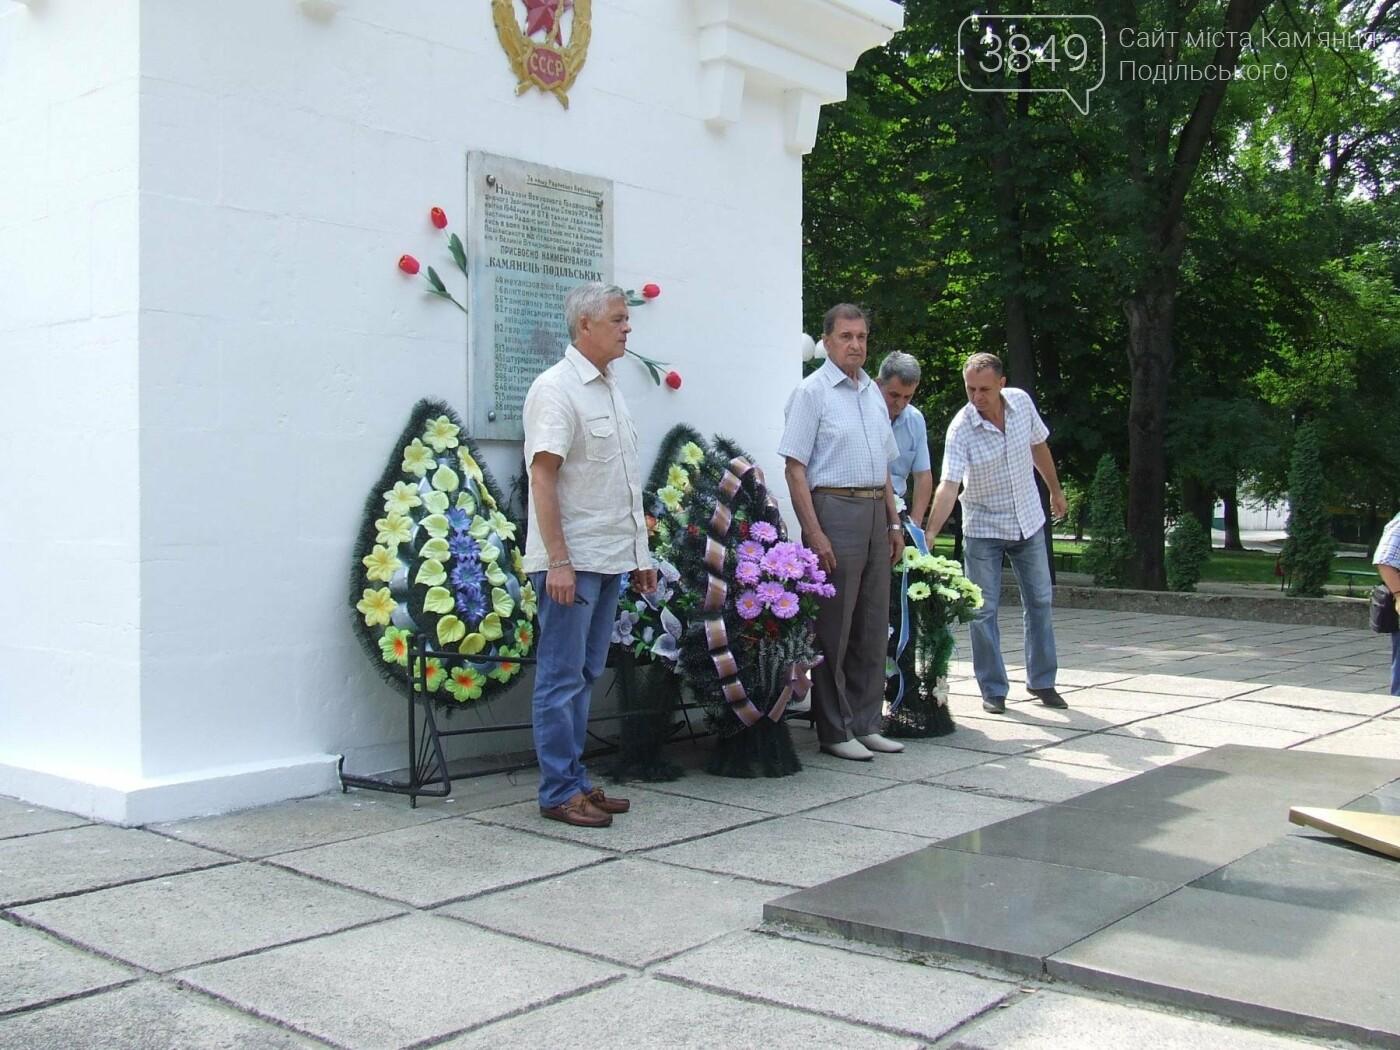 У Сквері танкістів вшанували пам'ять полеглих під час Другої світової війни, фото-7